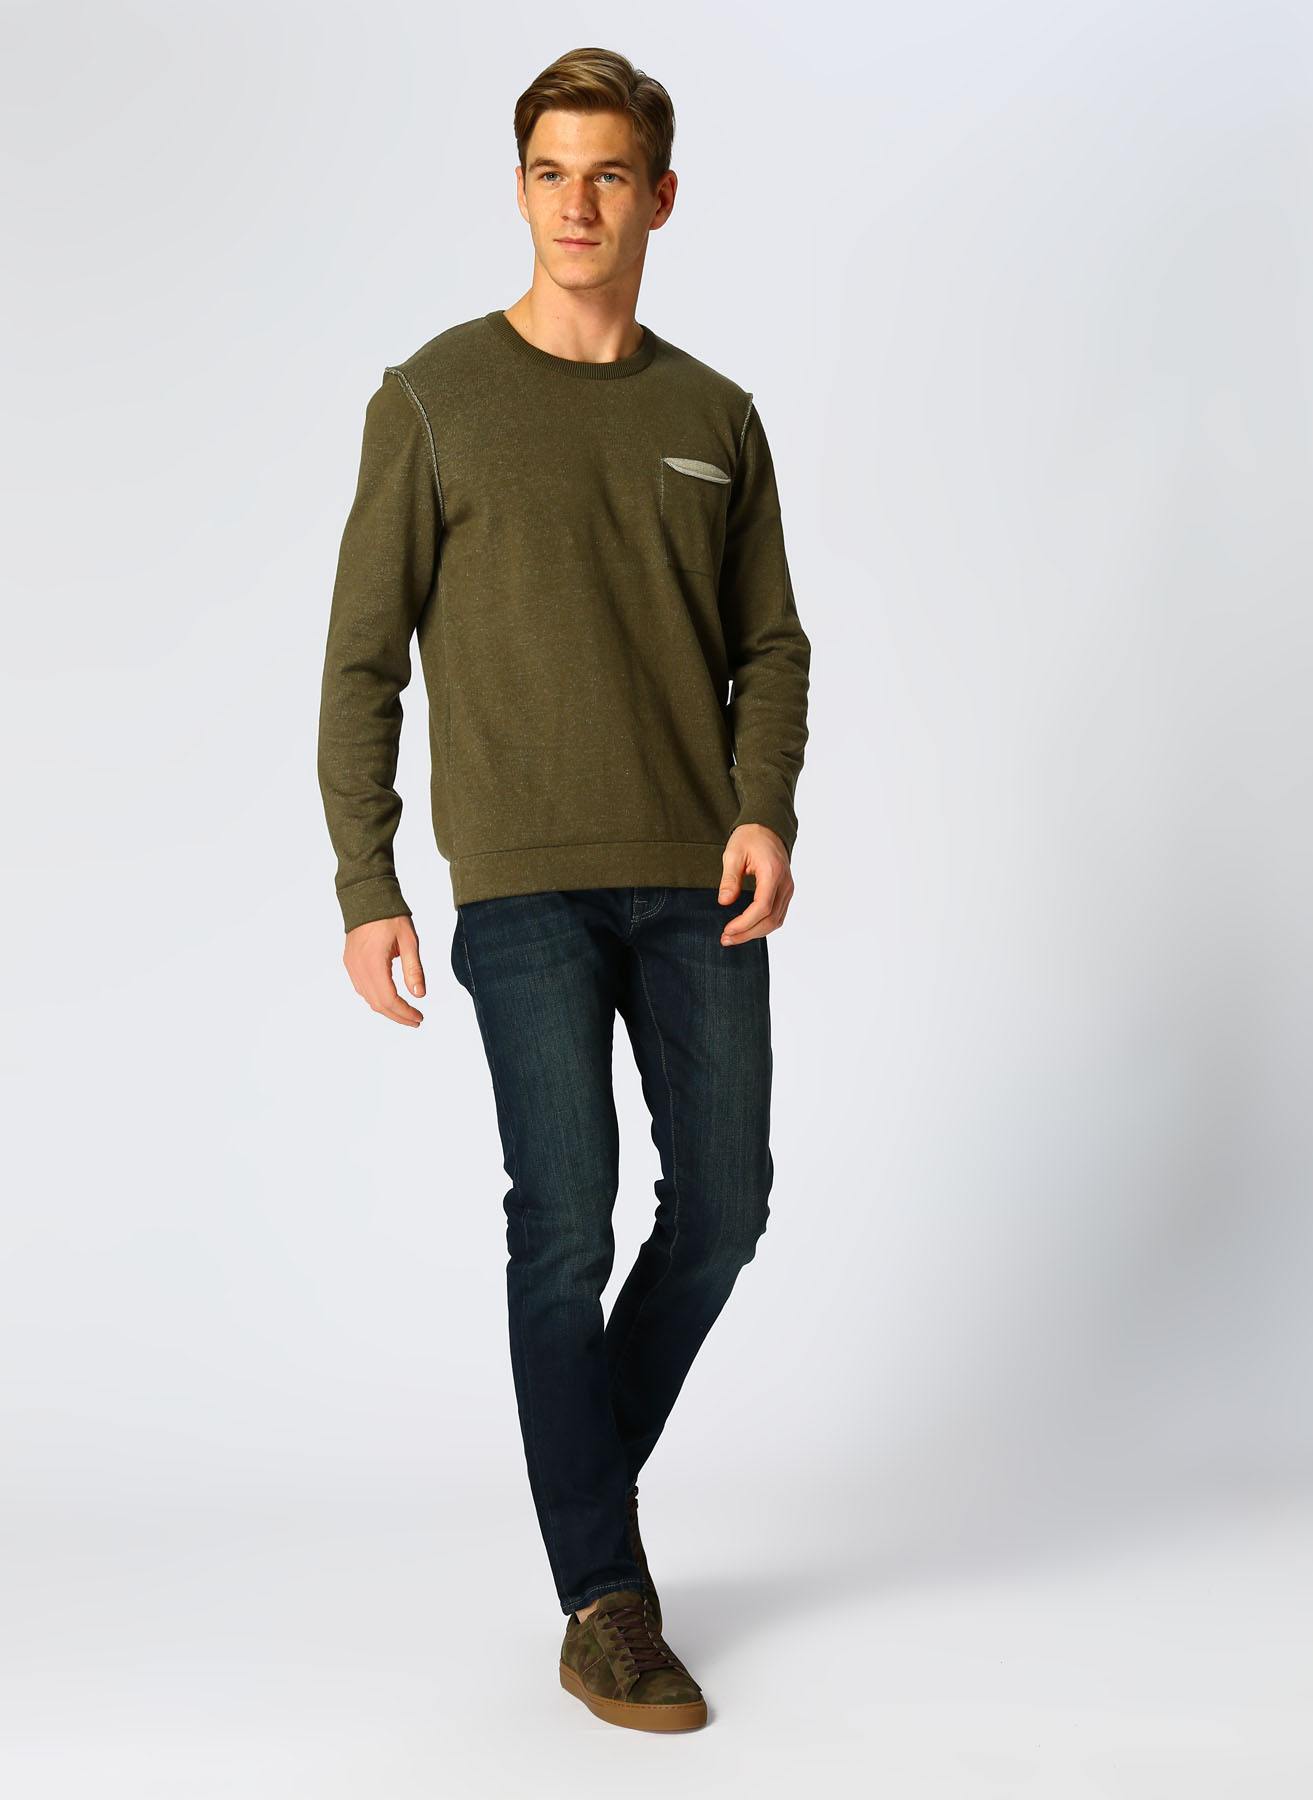 Mavi Renksiz Klasik Pantolon 29-30 5001822945014 Ürün Resmi